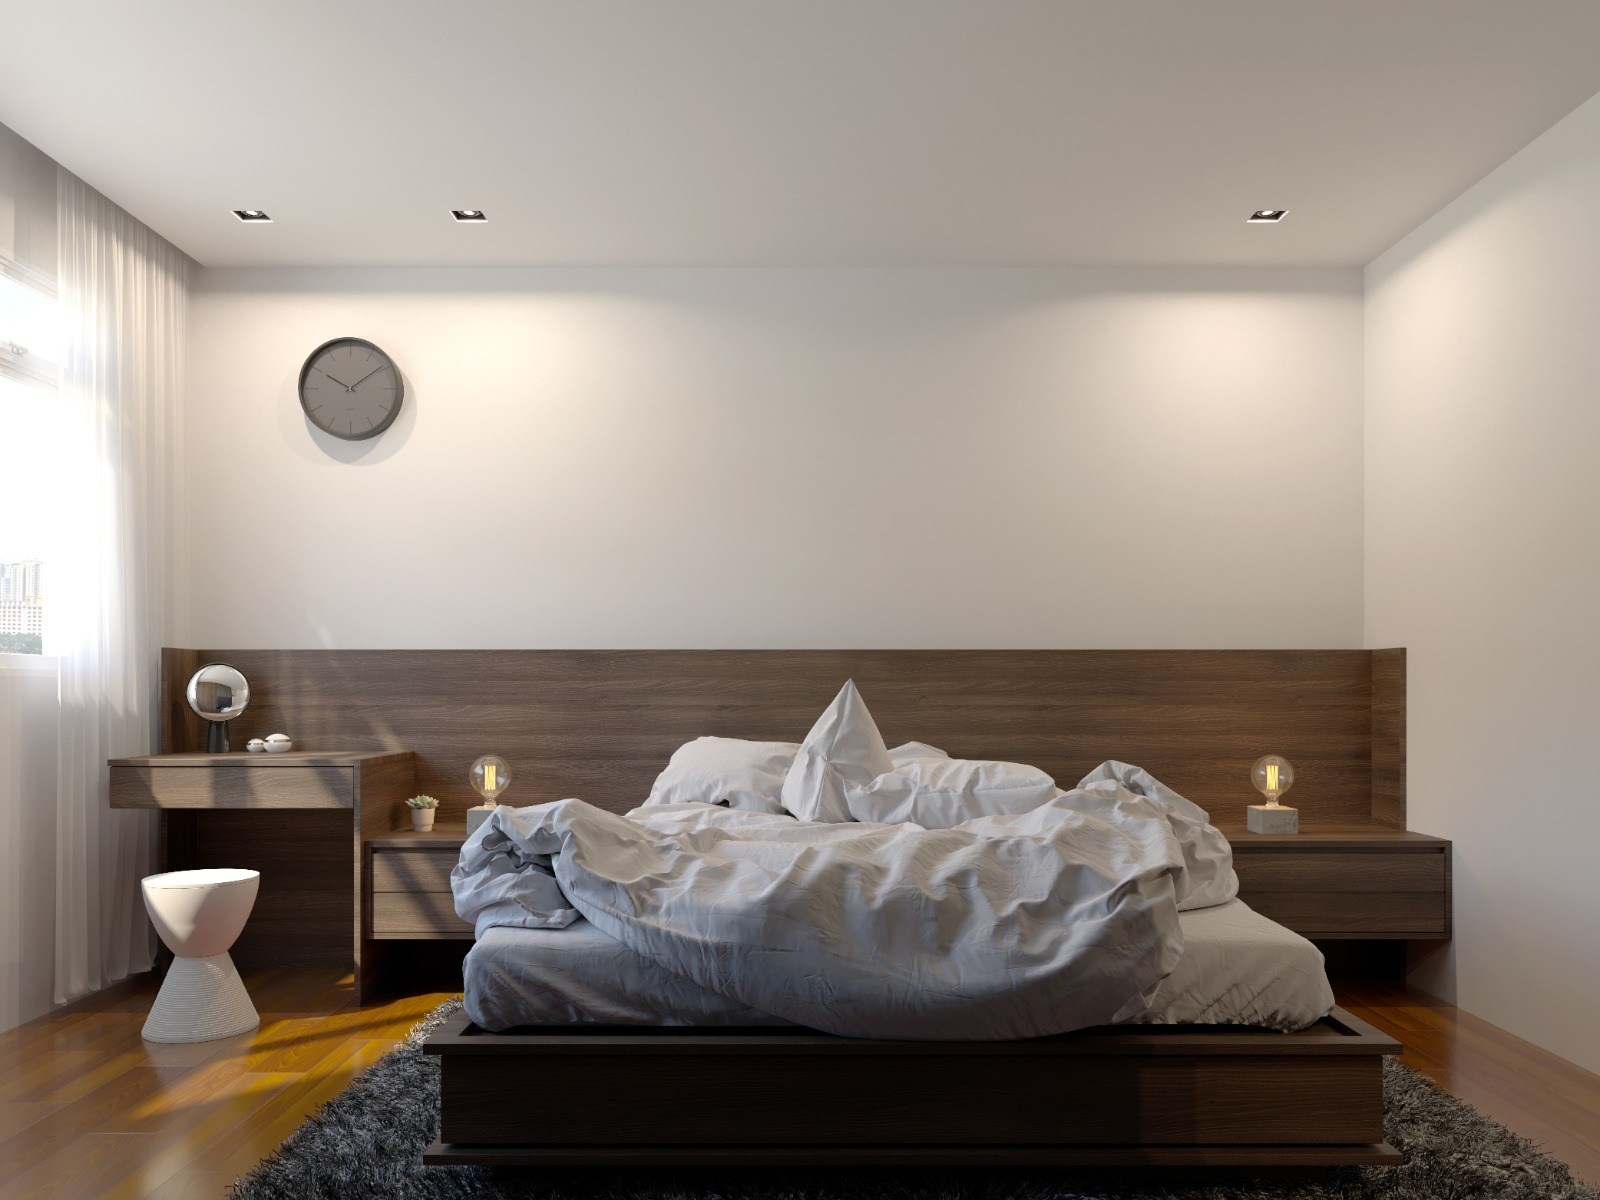 05 - Master Room